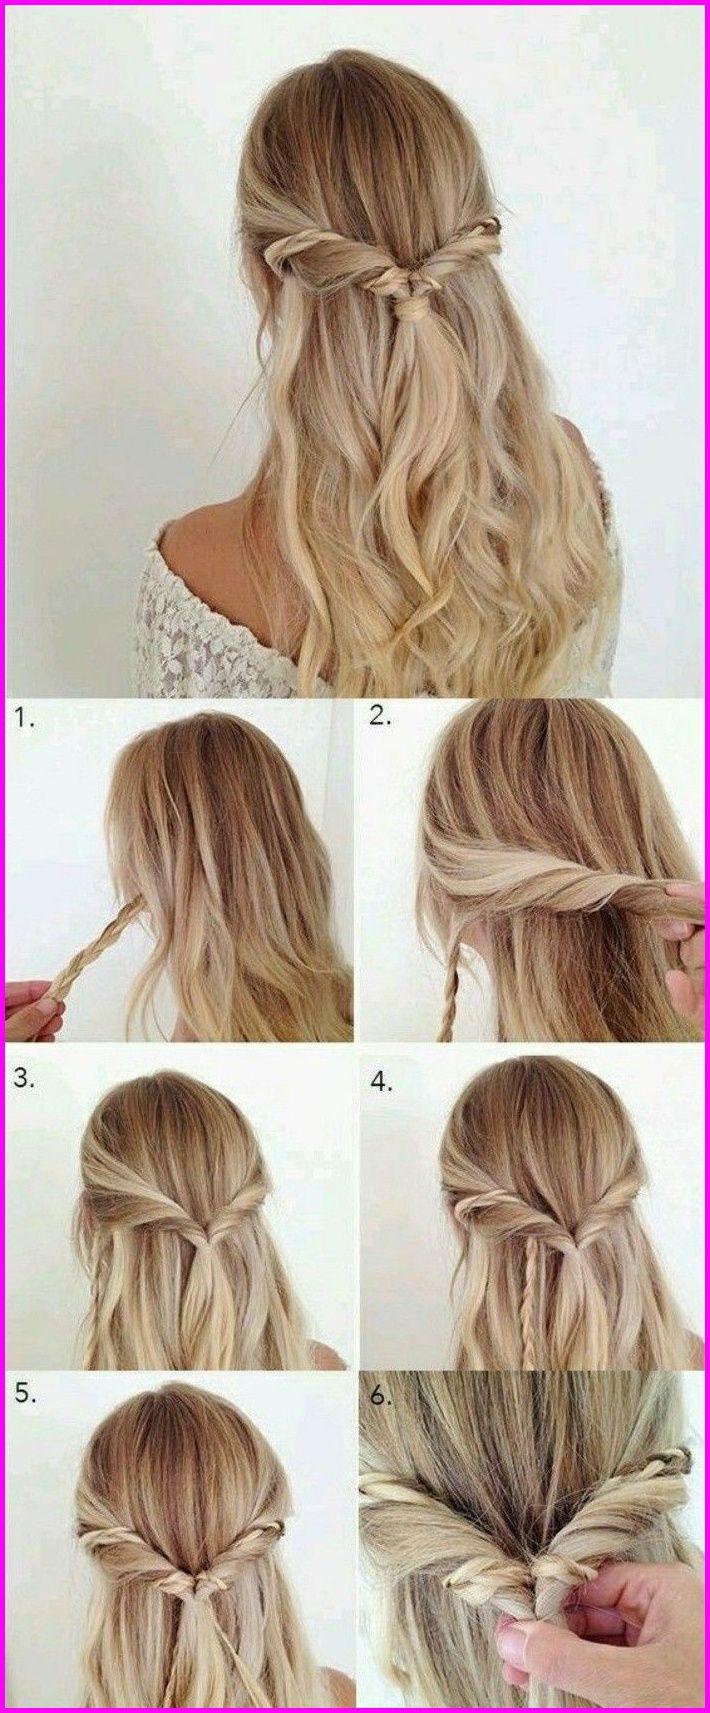 ▷ 11 + Ideen für schöne Haarfrisuren Plus Anleitungen zum